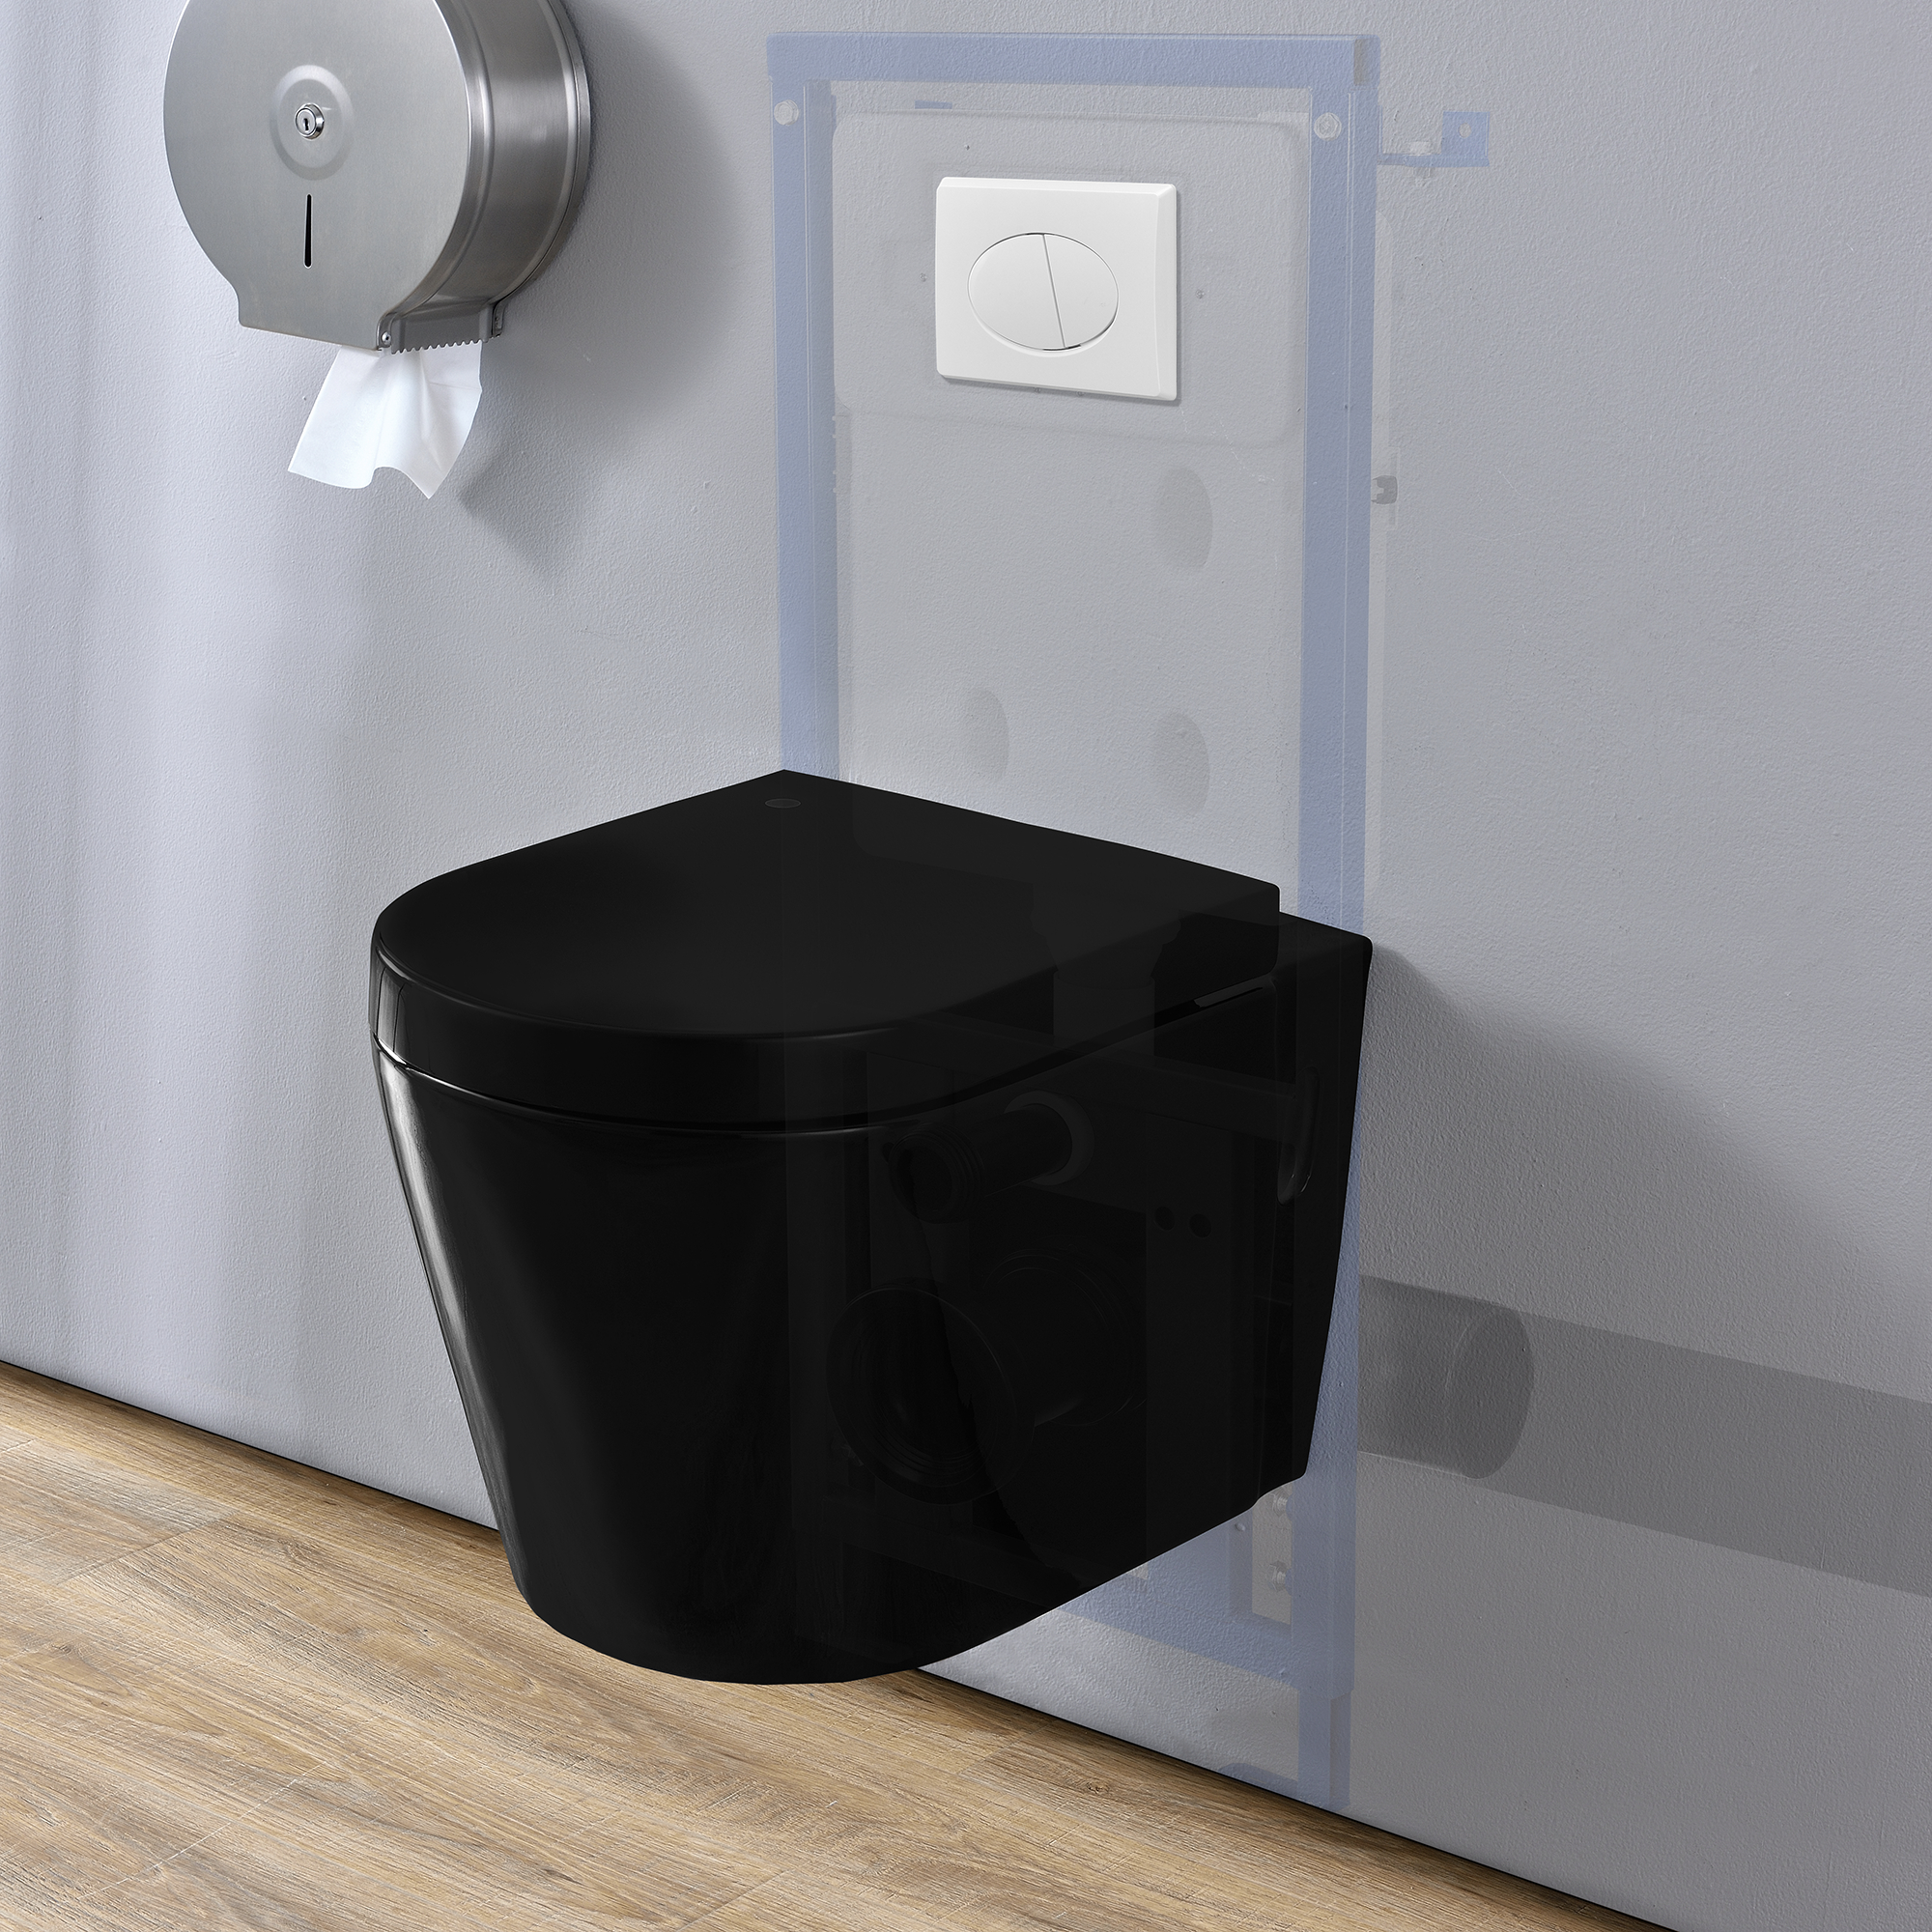 Elemento de motivo wc cisterna colgante pared - Inodoro colgante ...